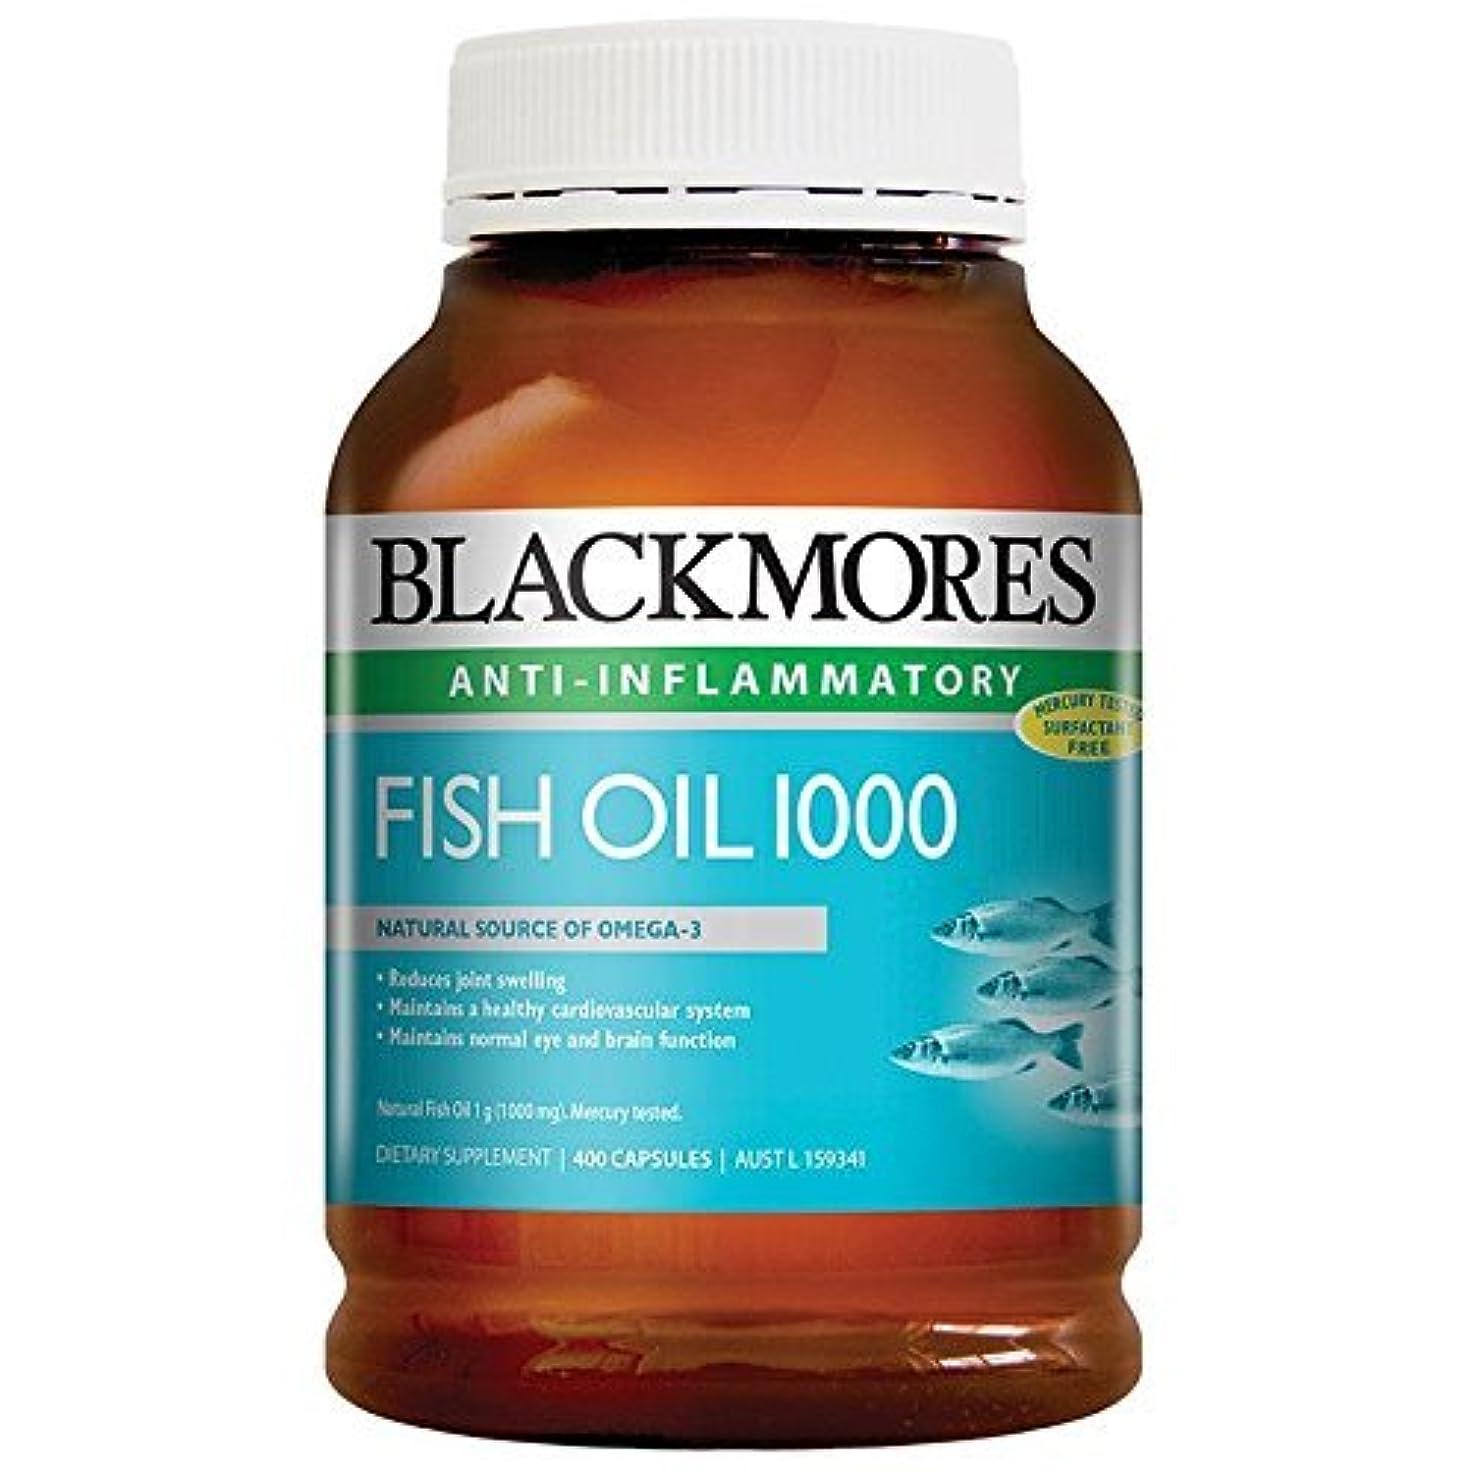 弓ピクニックアクセスBlackmores Fish Oil 400 Caps 1000 Omega3 Dha, EPA Fatty Acids with 1pcs Chinese Knot Gift by Blackmores LTD